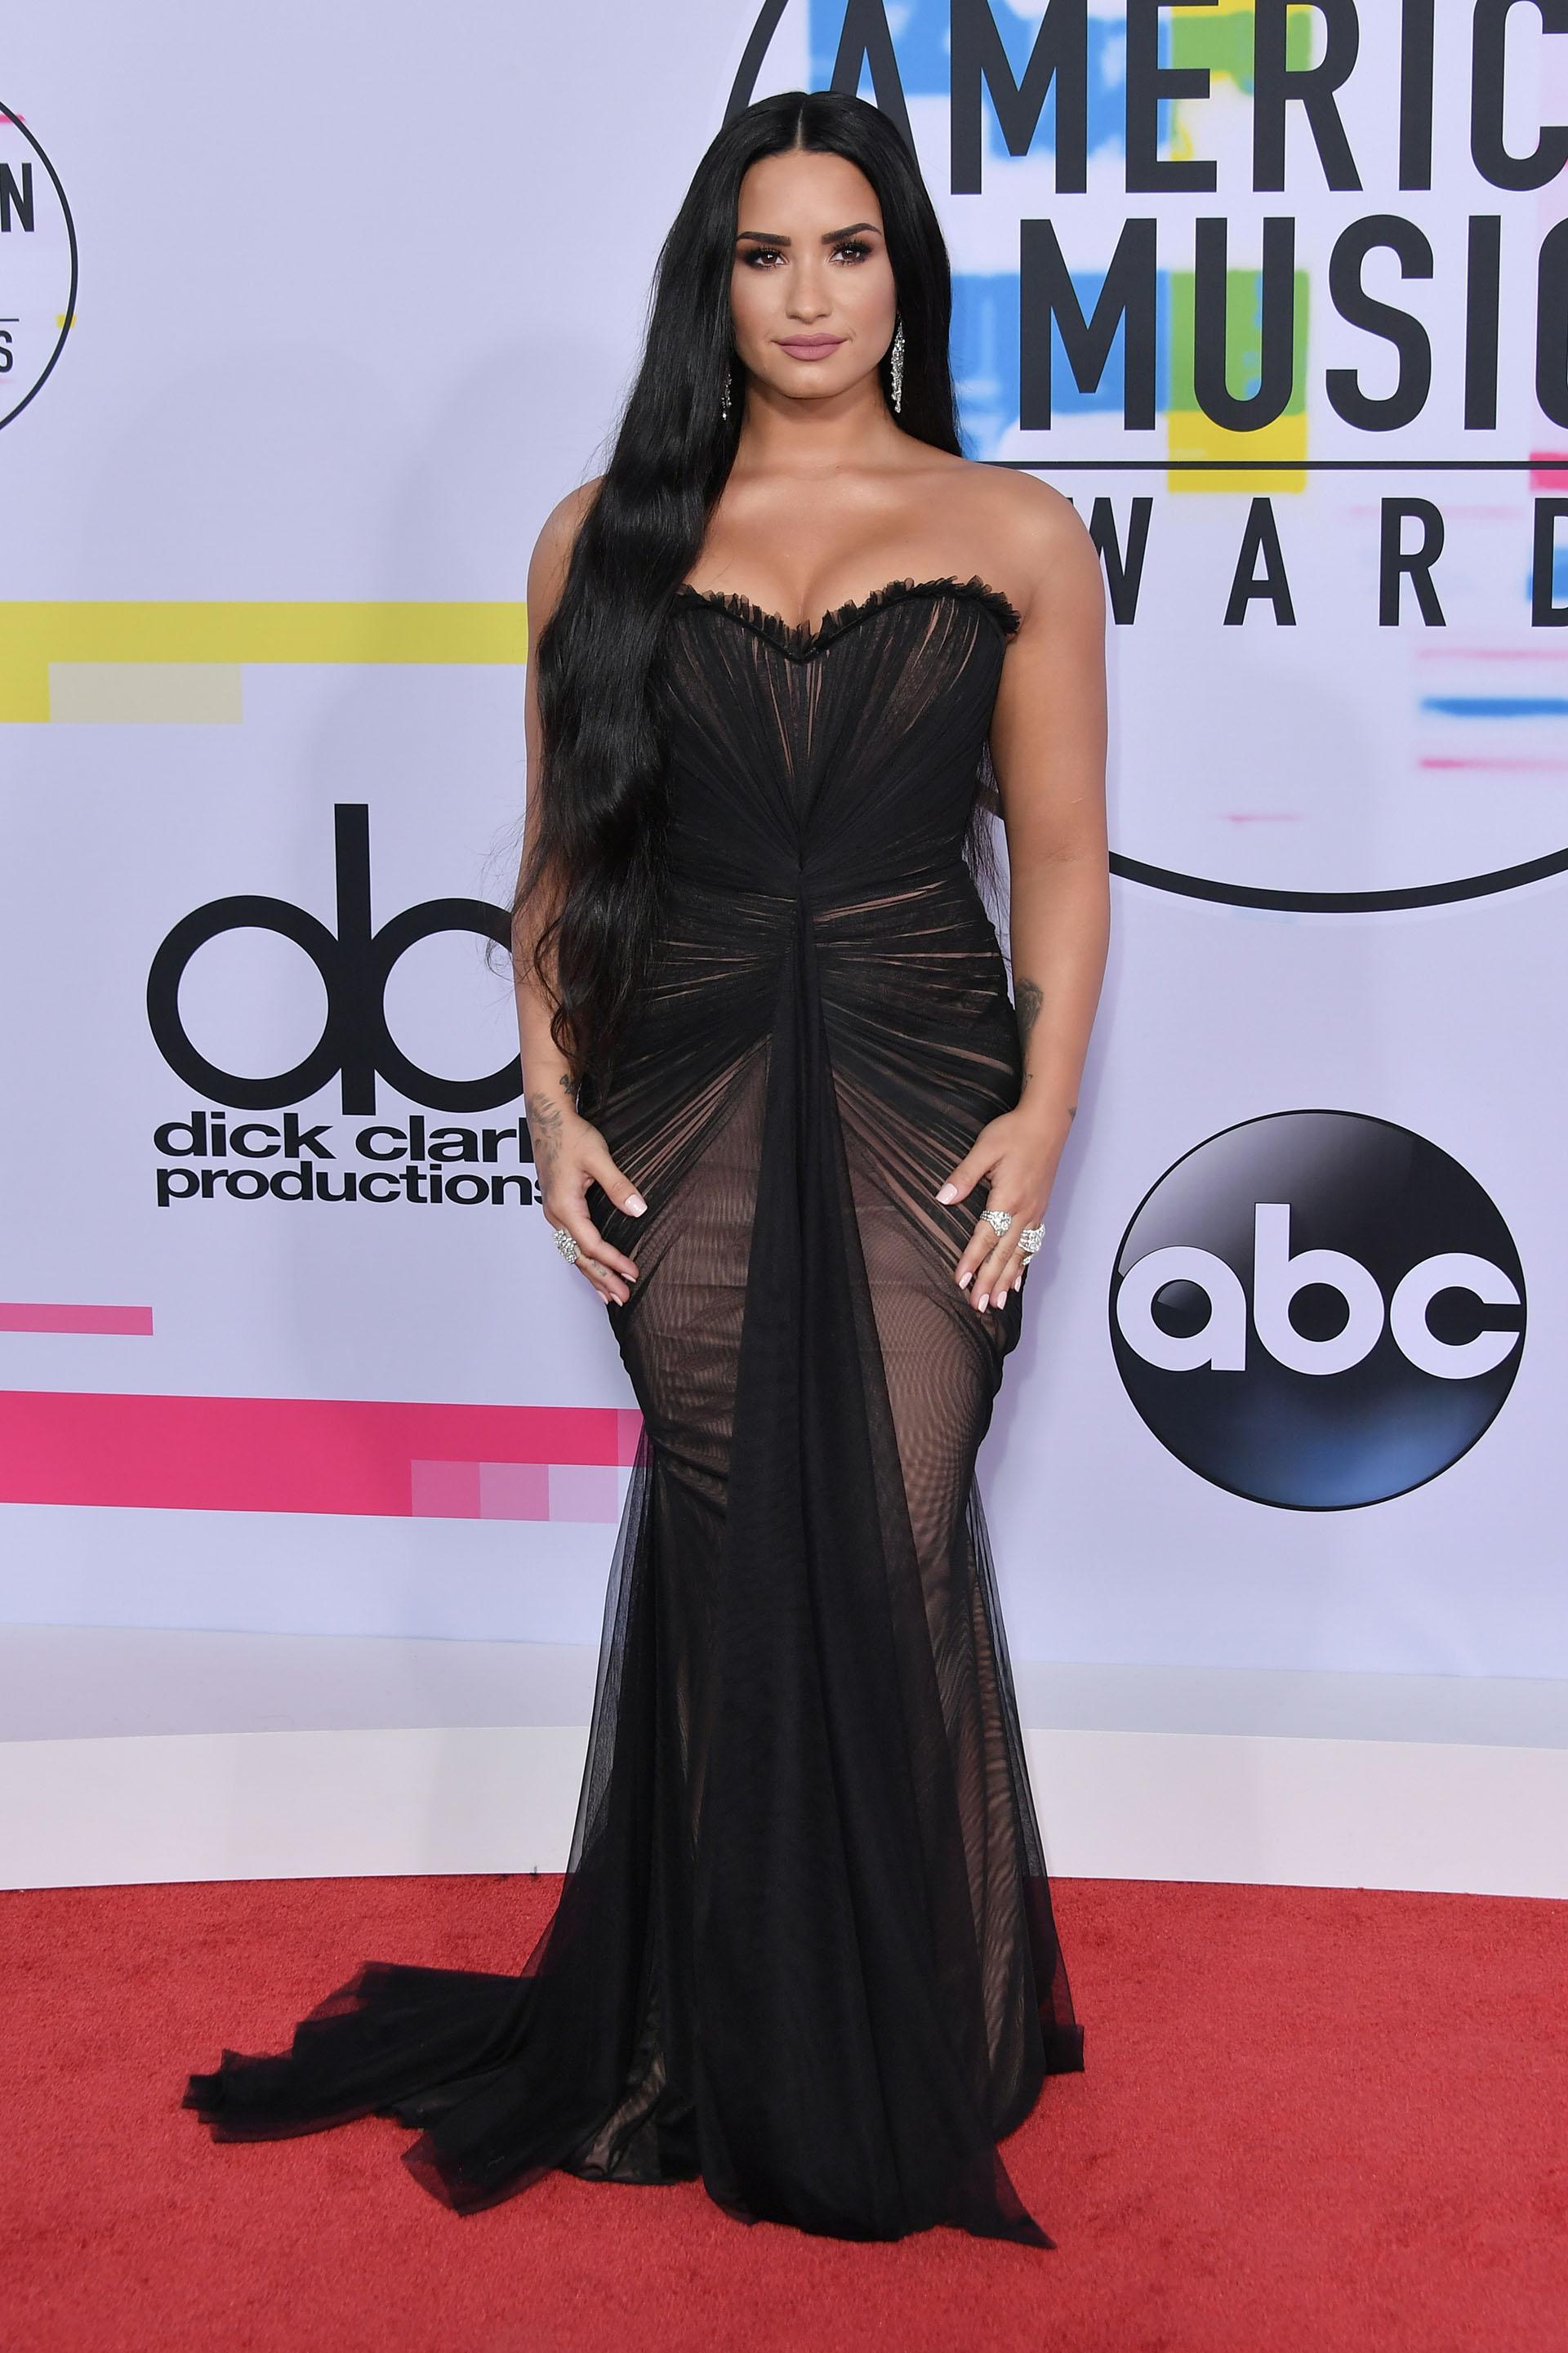 Demi Lovato con un escote de alto impacto, transparencias y falda con cola